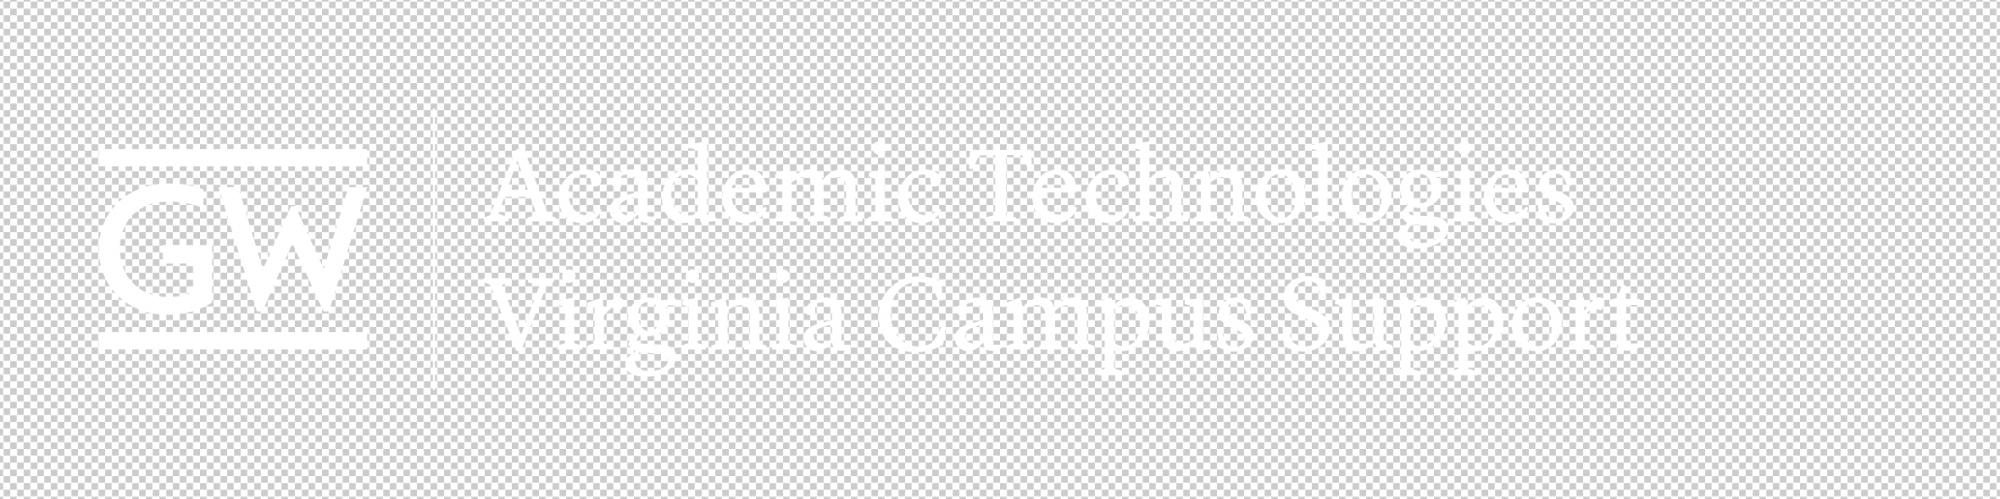 AT VSTC Support logo white